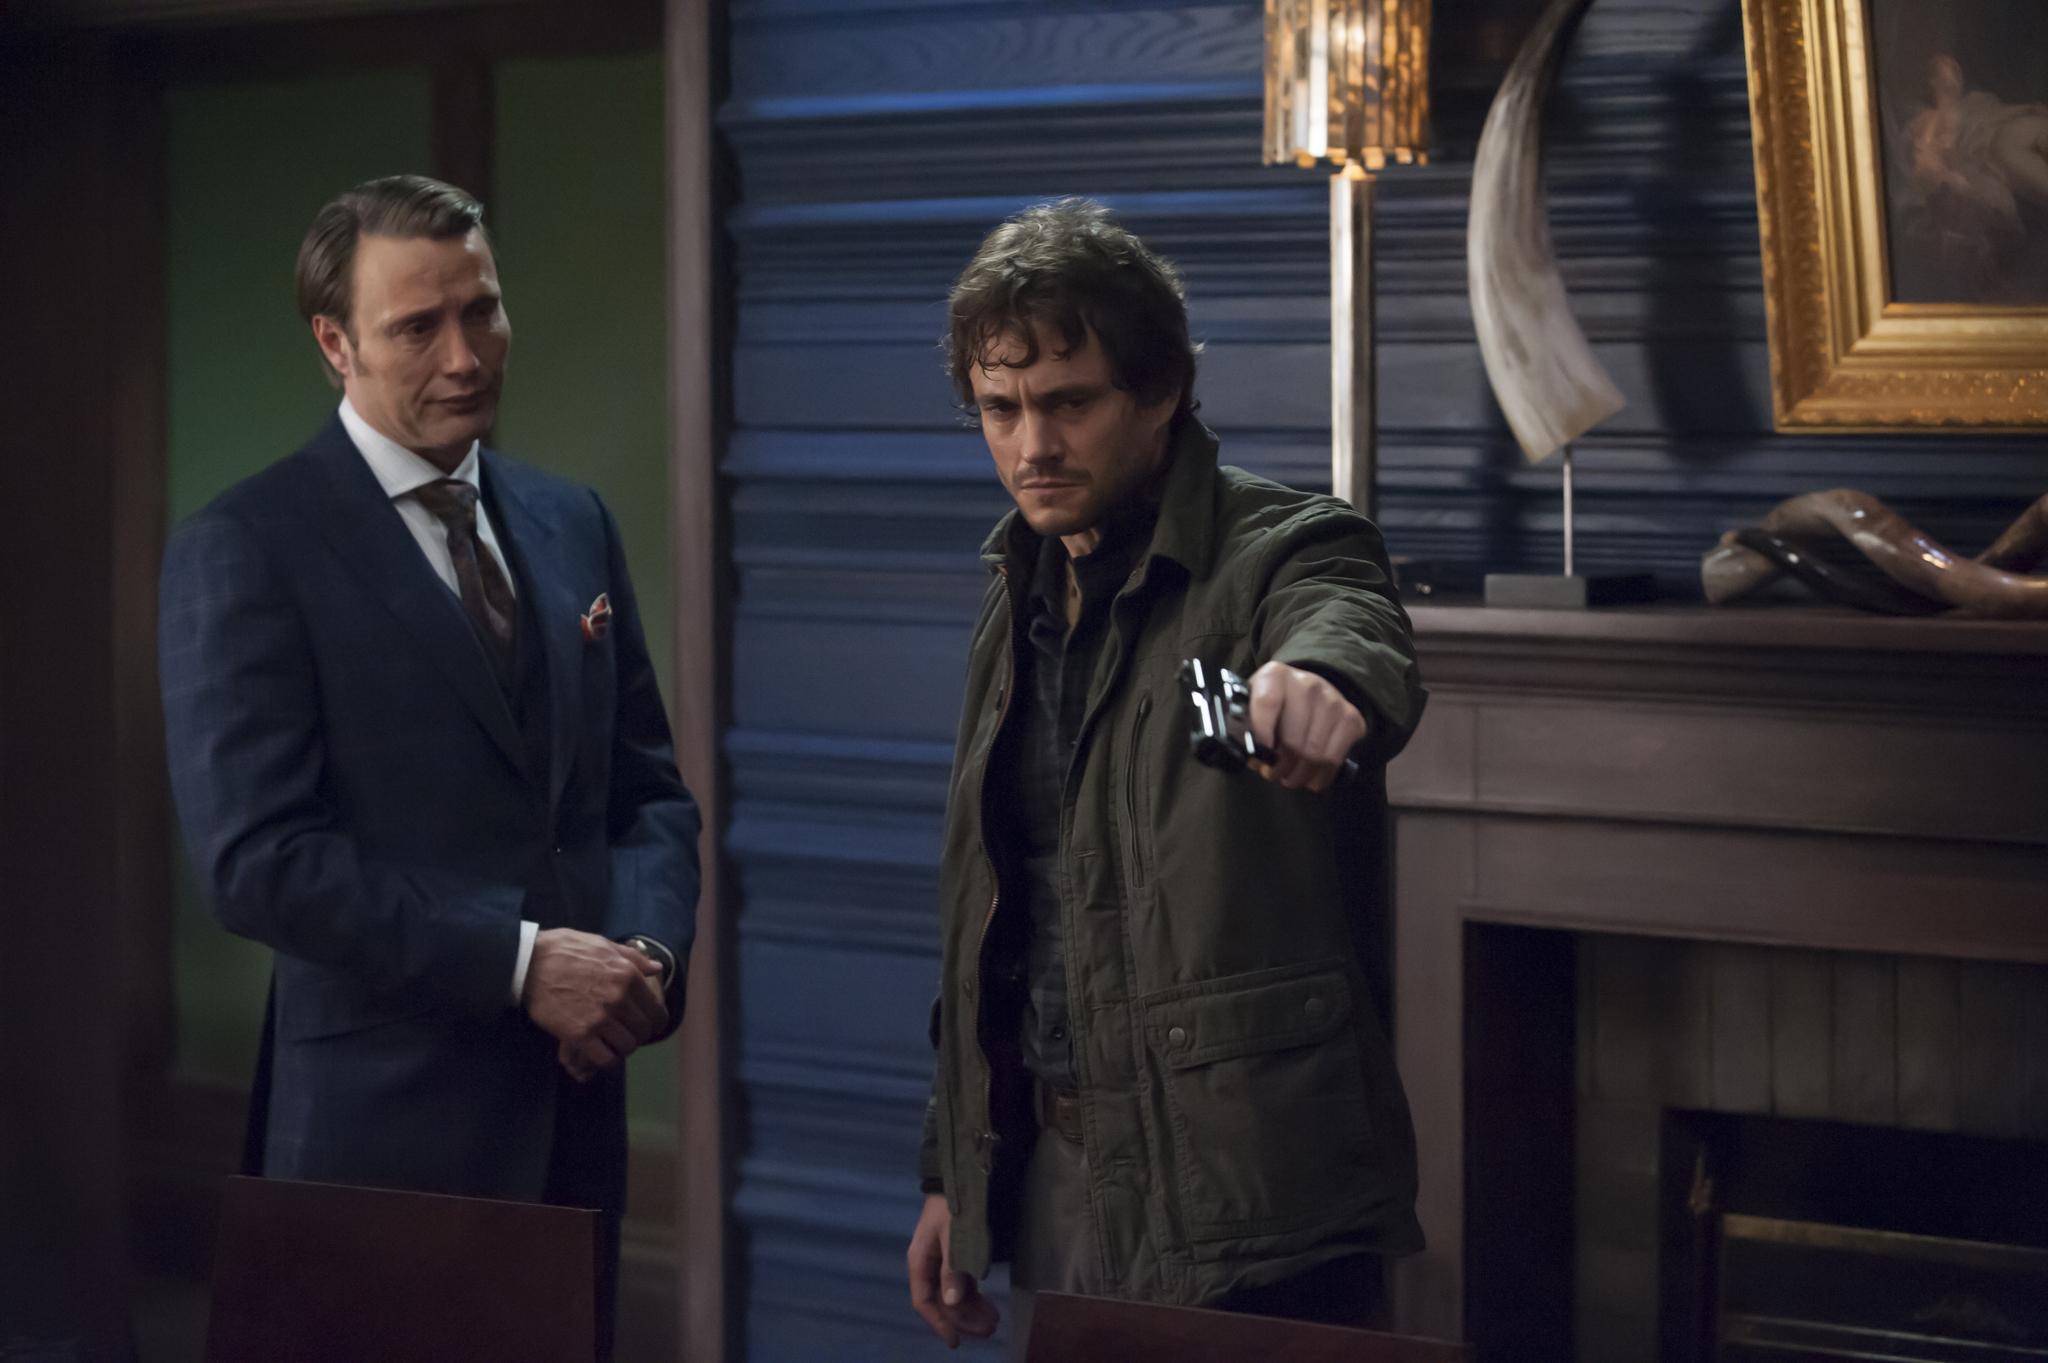 Mads Mikkelsen on 'Hannibal' bromance: 'It's definitely love'